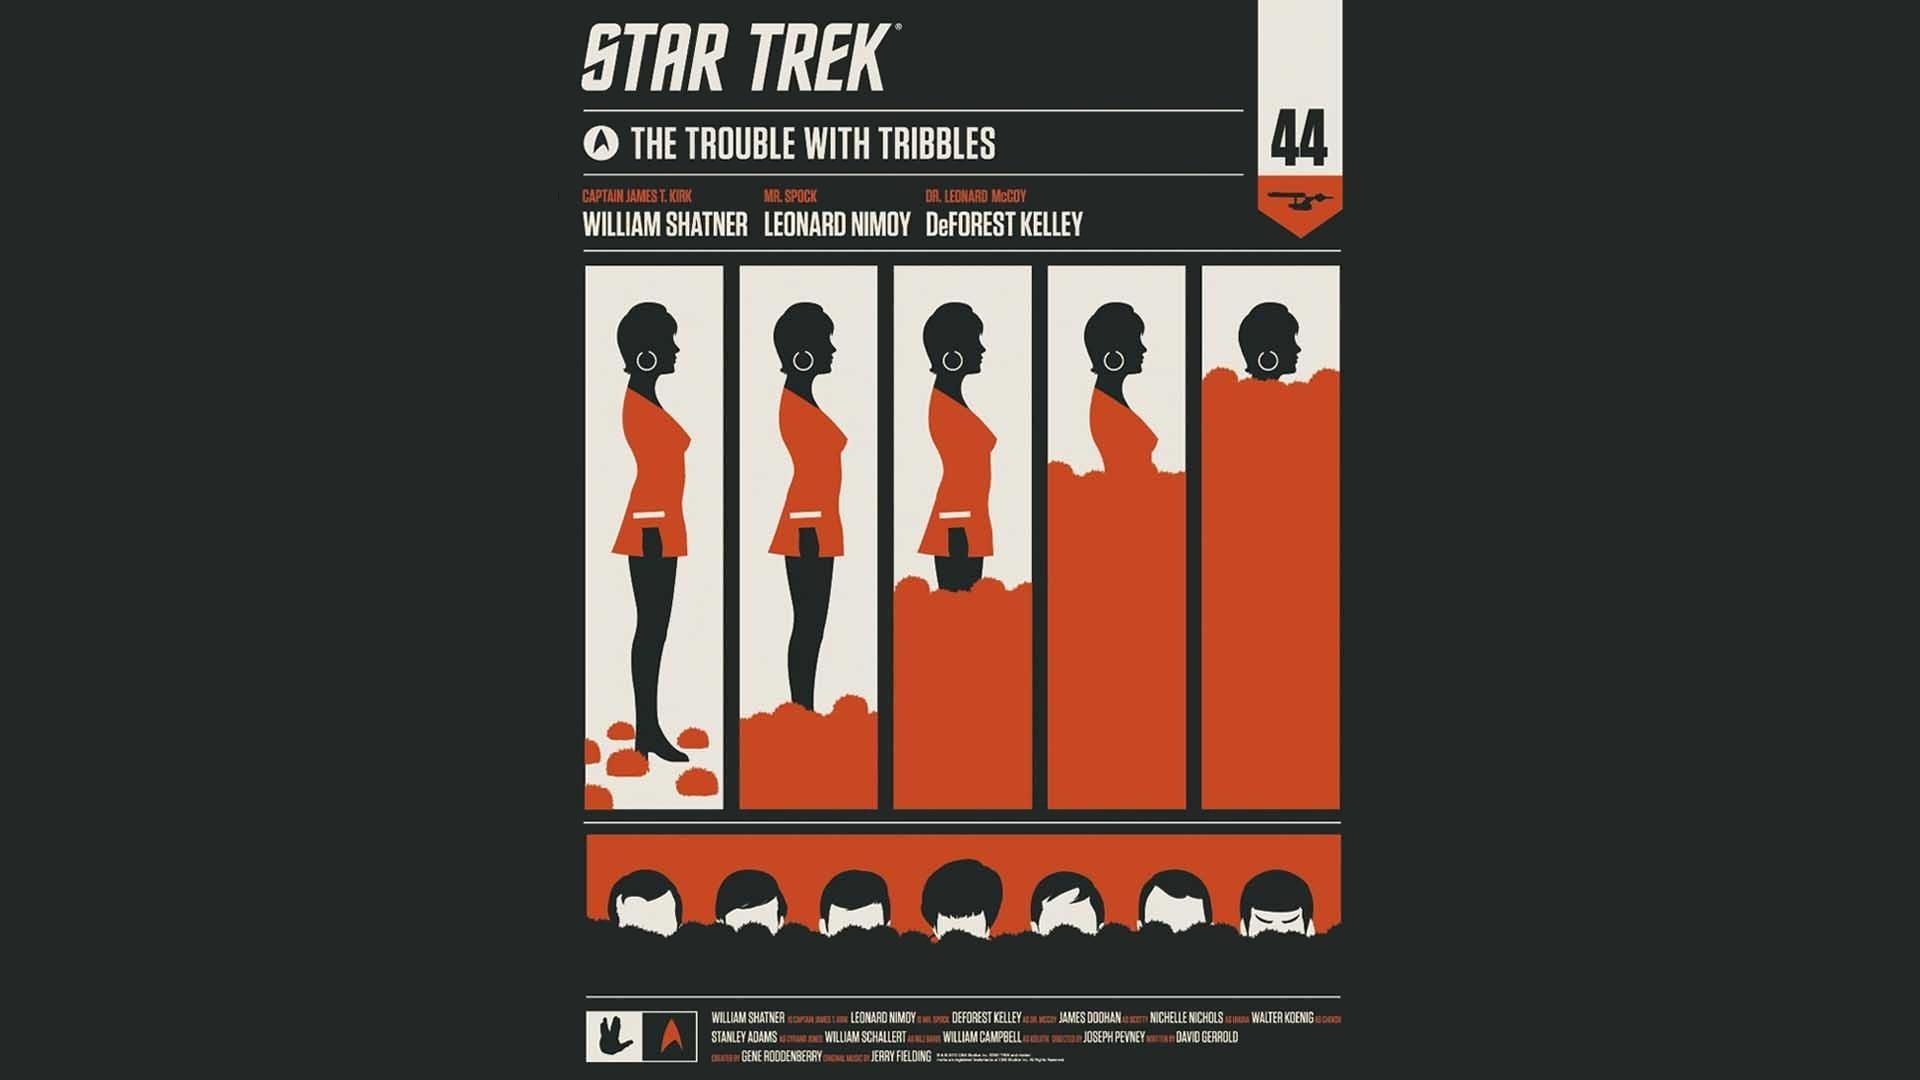 Spock Wallpaper Hd Star Trek The Original Series Full Hd Wallpaper And